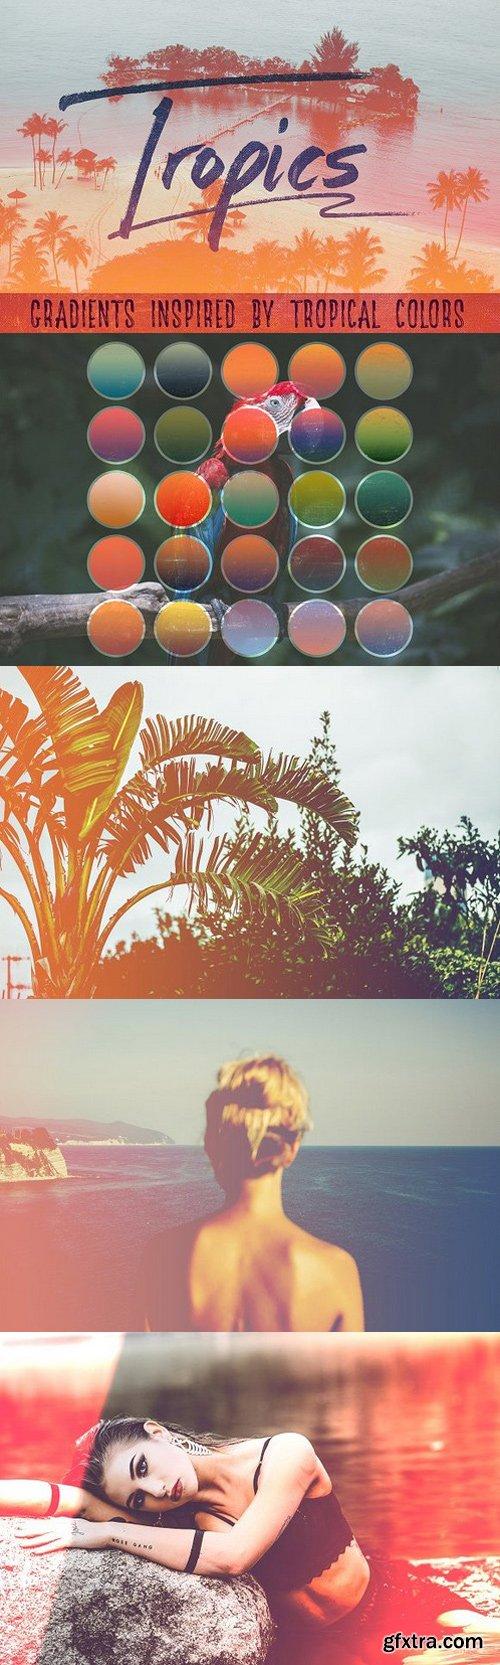 CM - Tropics - 25 Tropical Gradients 1158329